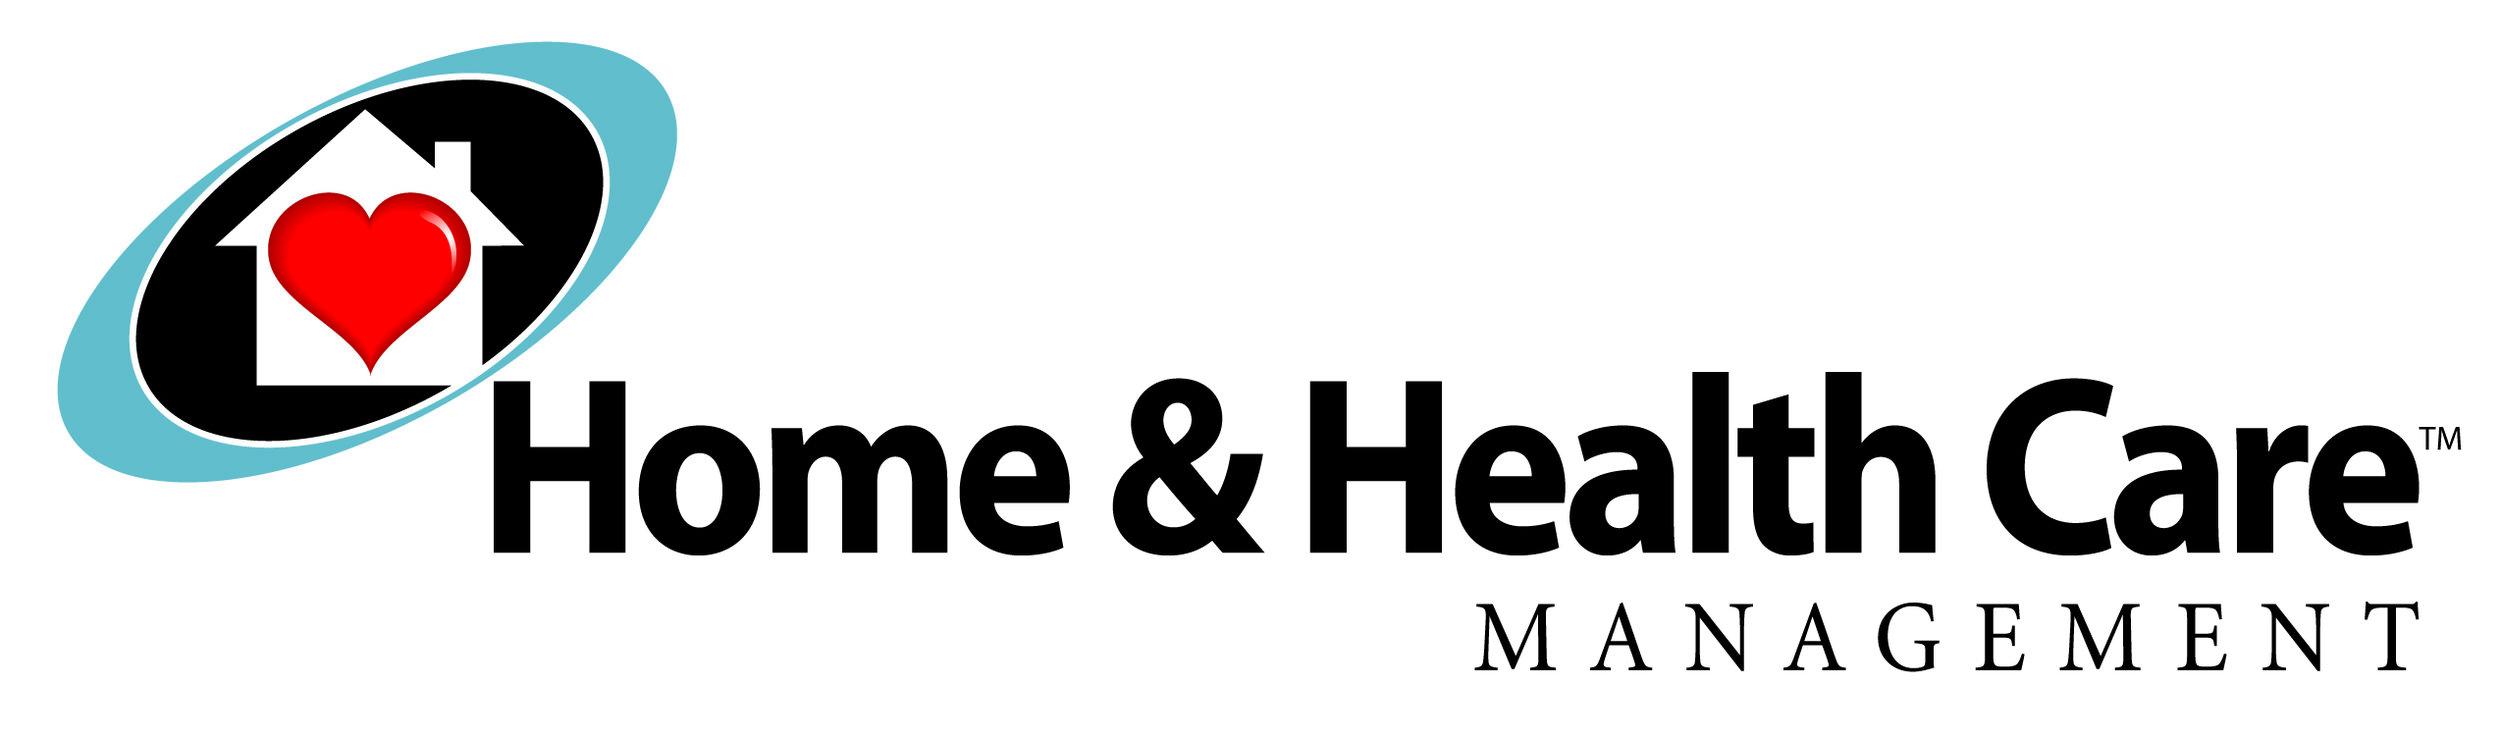 HHC Logo large.jpg